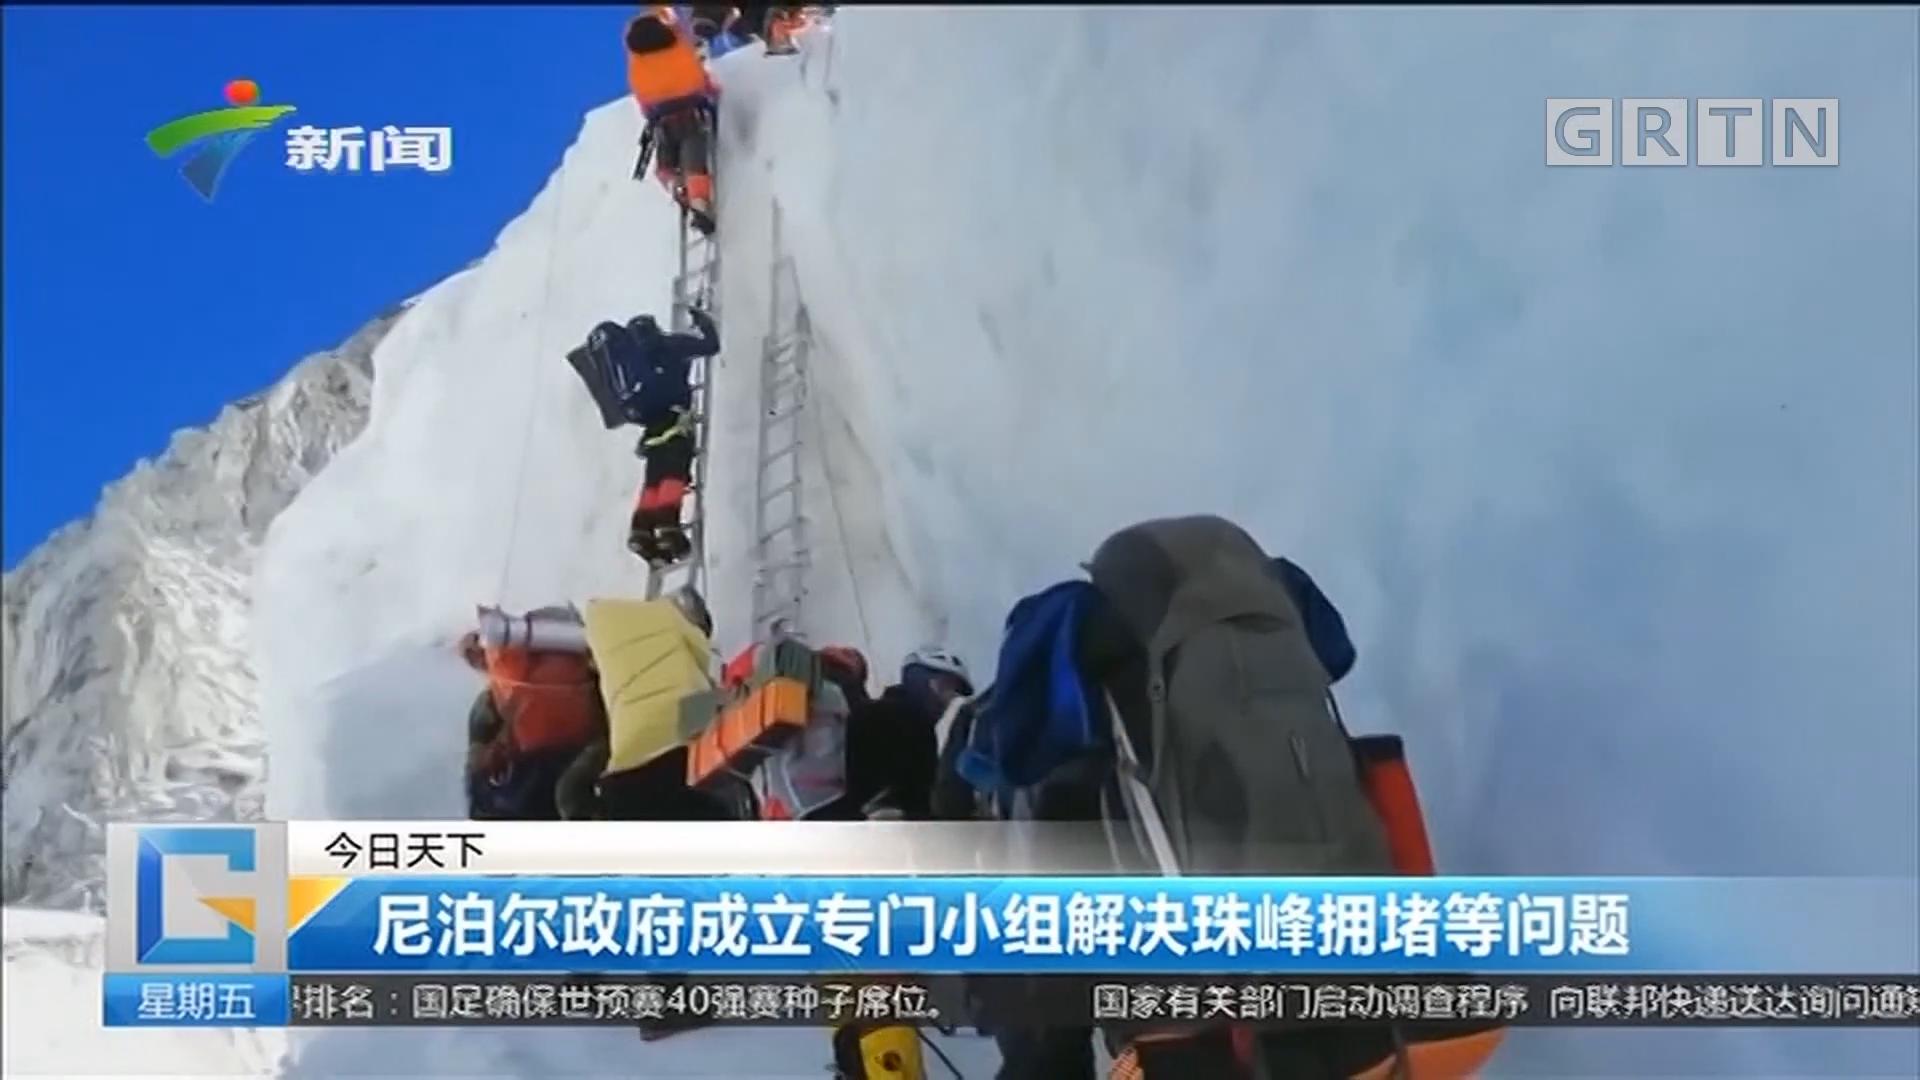 尼泊尔政府成立专门小组解决珠峰拥堵等问题